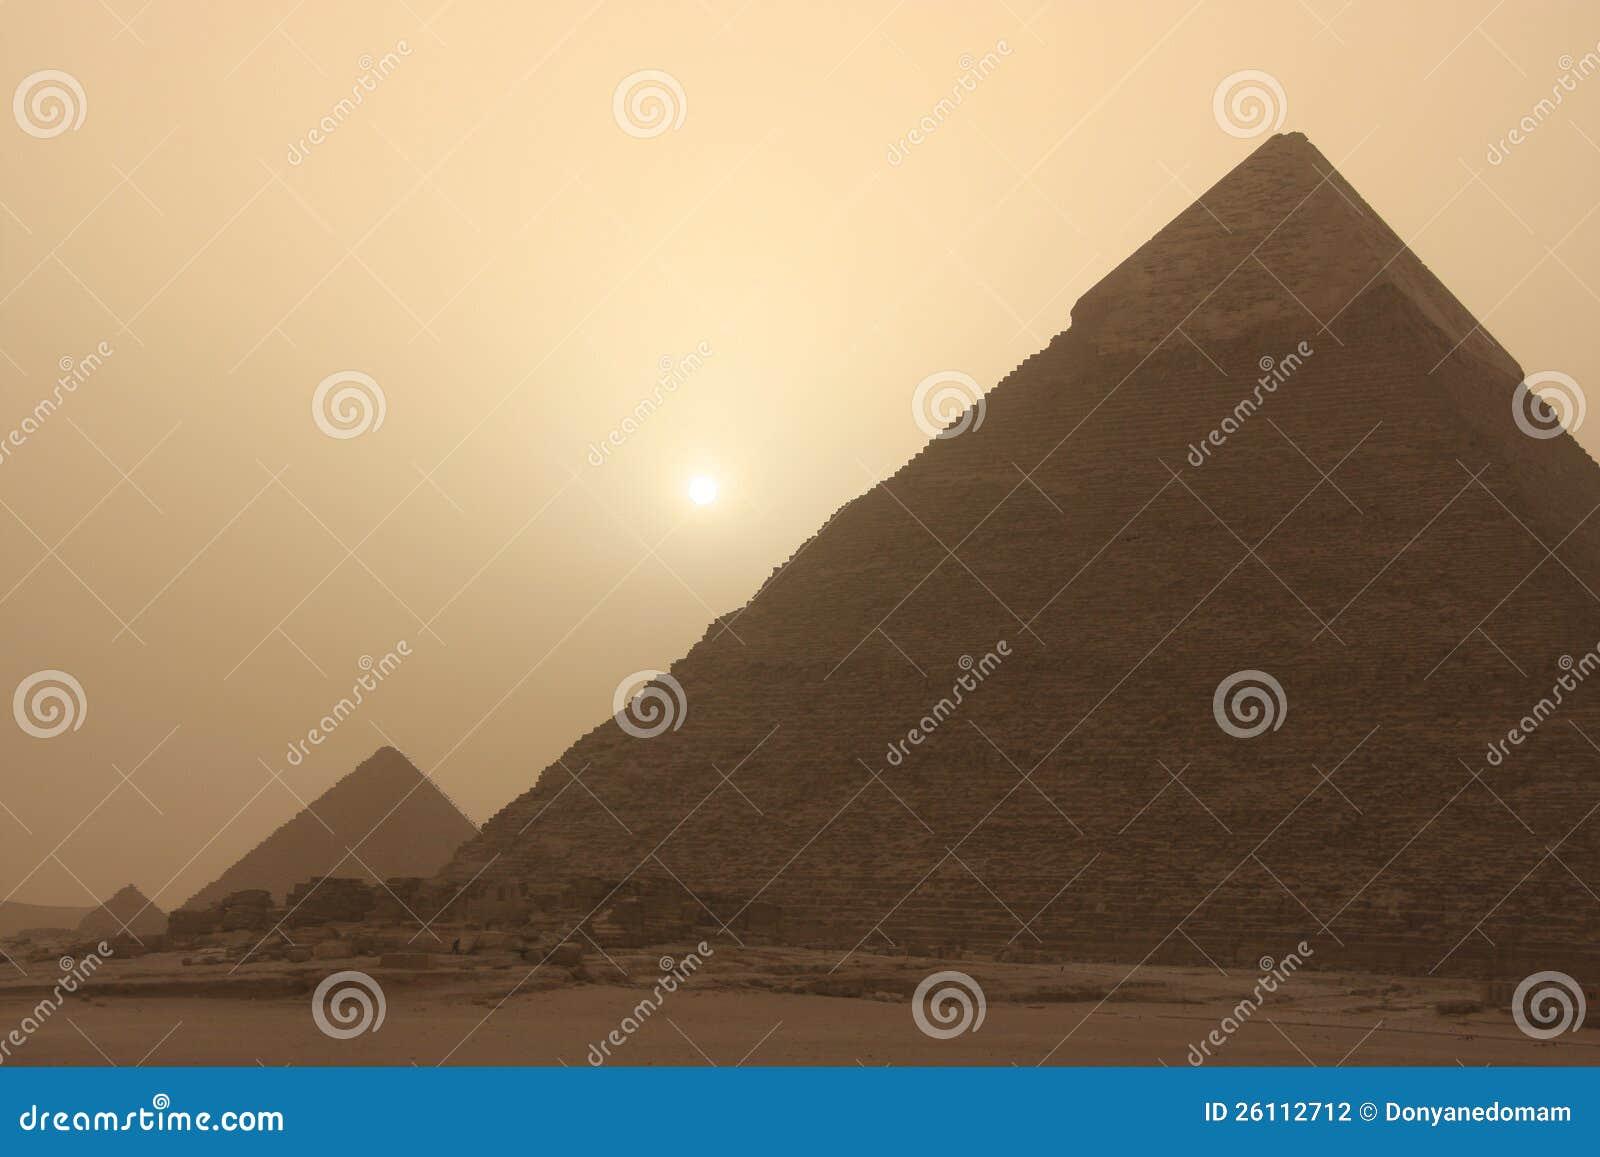 Πυραμίδα Khafre στην αμμοθύελλα, Κάιρο, Αίγυπτος